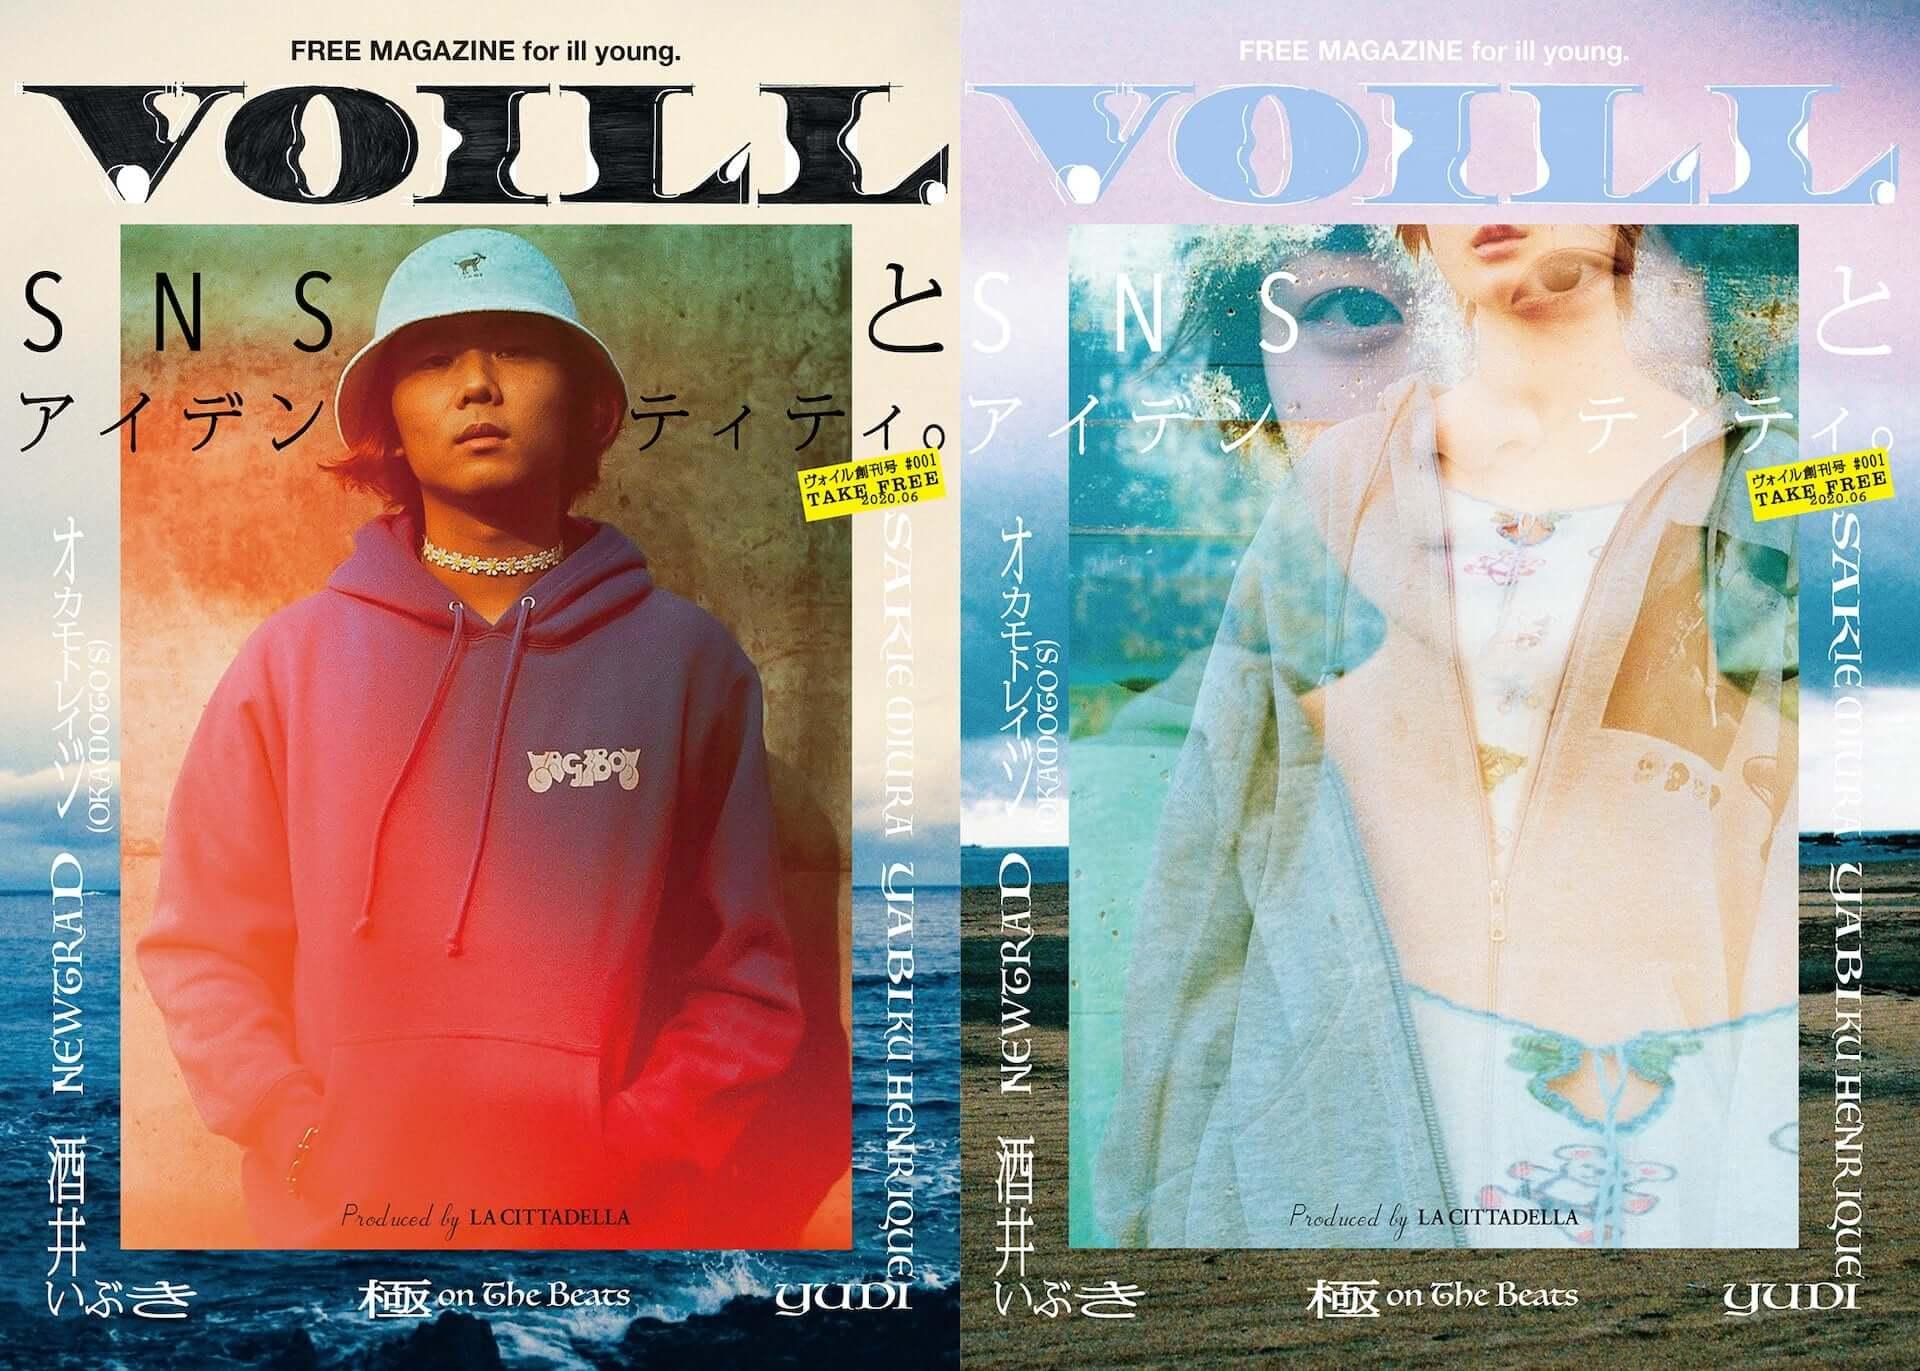 カルチャー&アートが好きな若者に贈るフリーマガジン『VOILL』が創刊!第1号にはオカモトレイジ、酒井いぶきのインタビューも掲載 music200814_voill_1-1920x1371